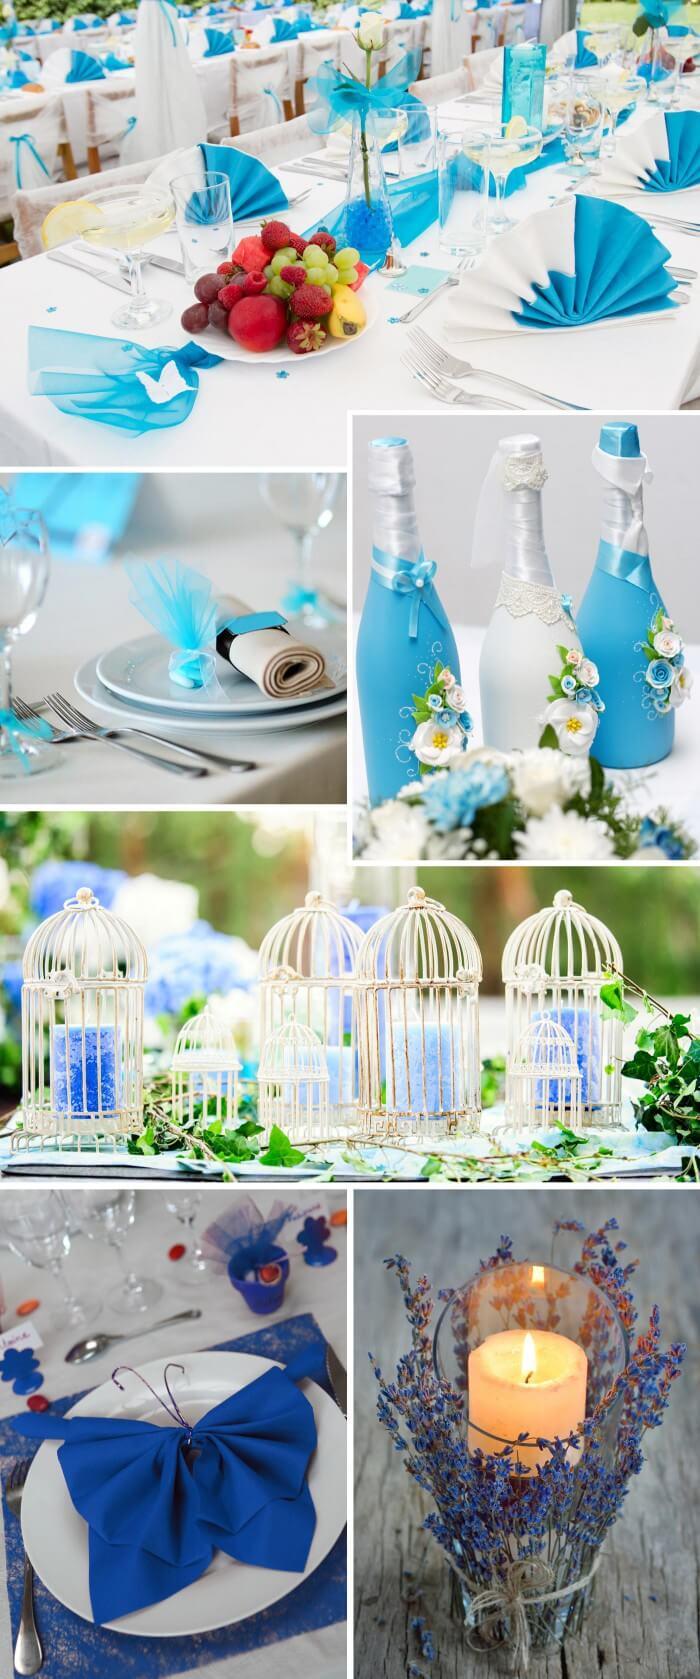 Tischdeko in Trkis  Blau  Viele Ideen fr die Hochzeitsdeko